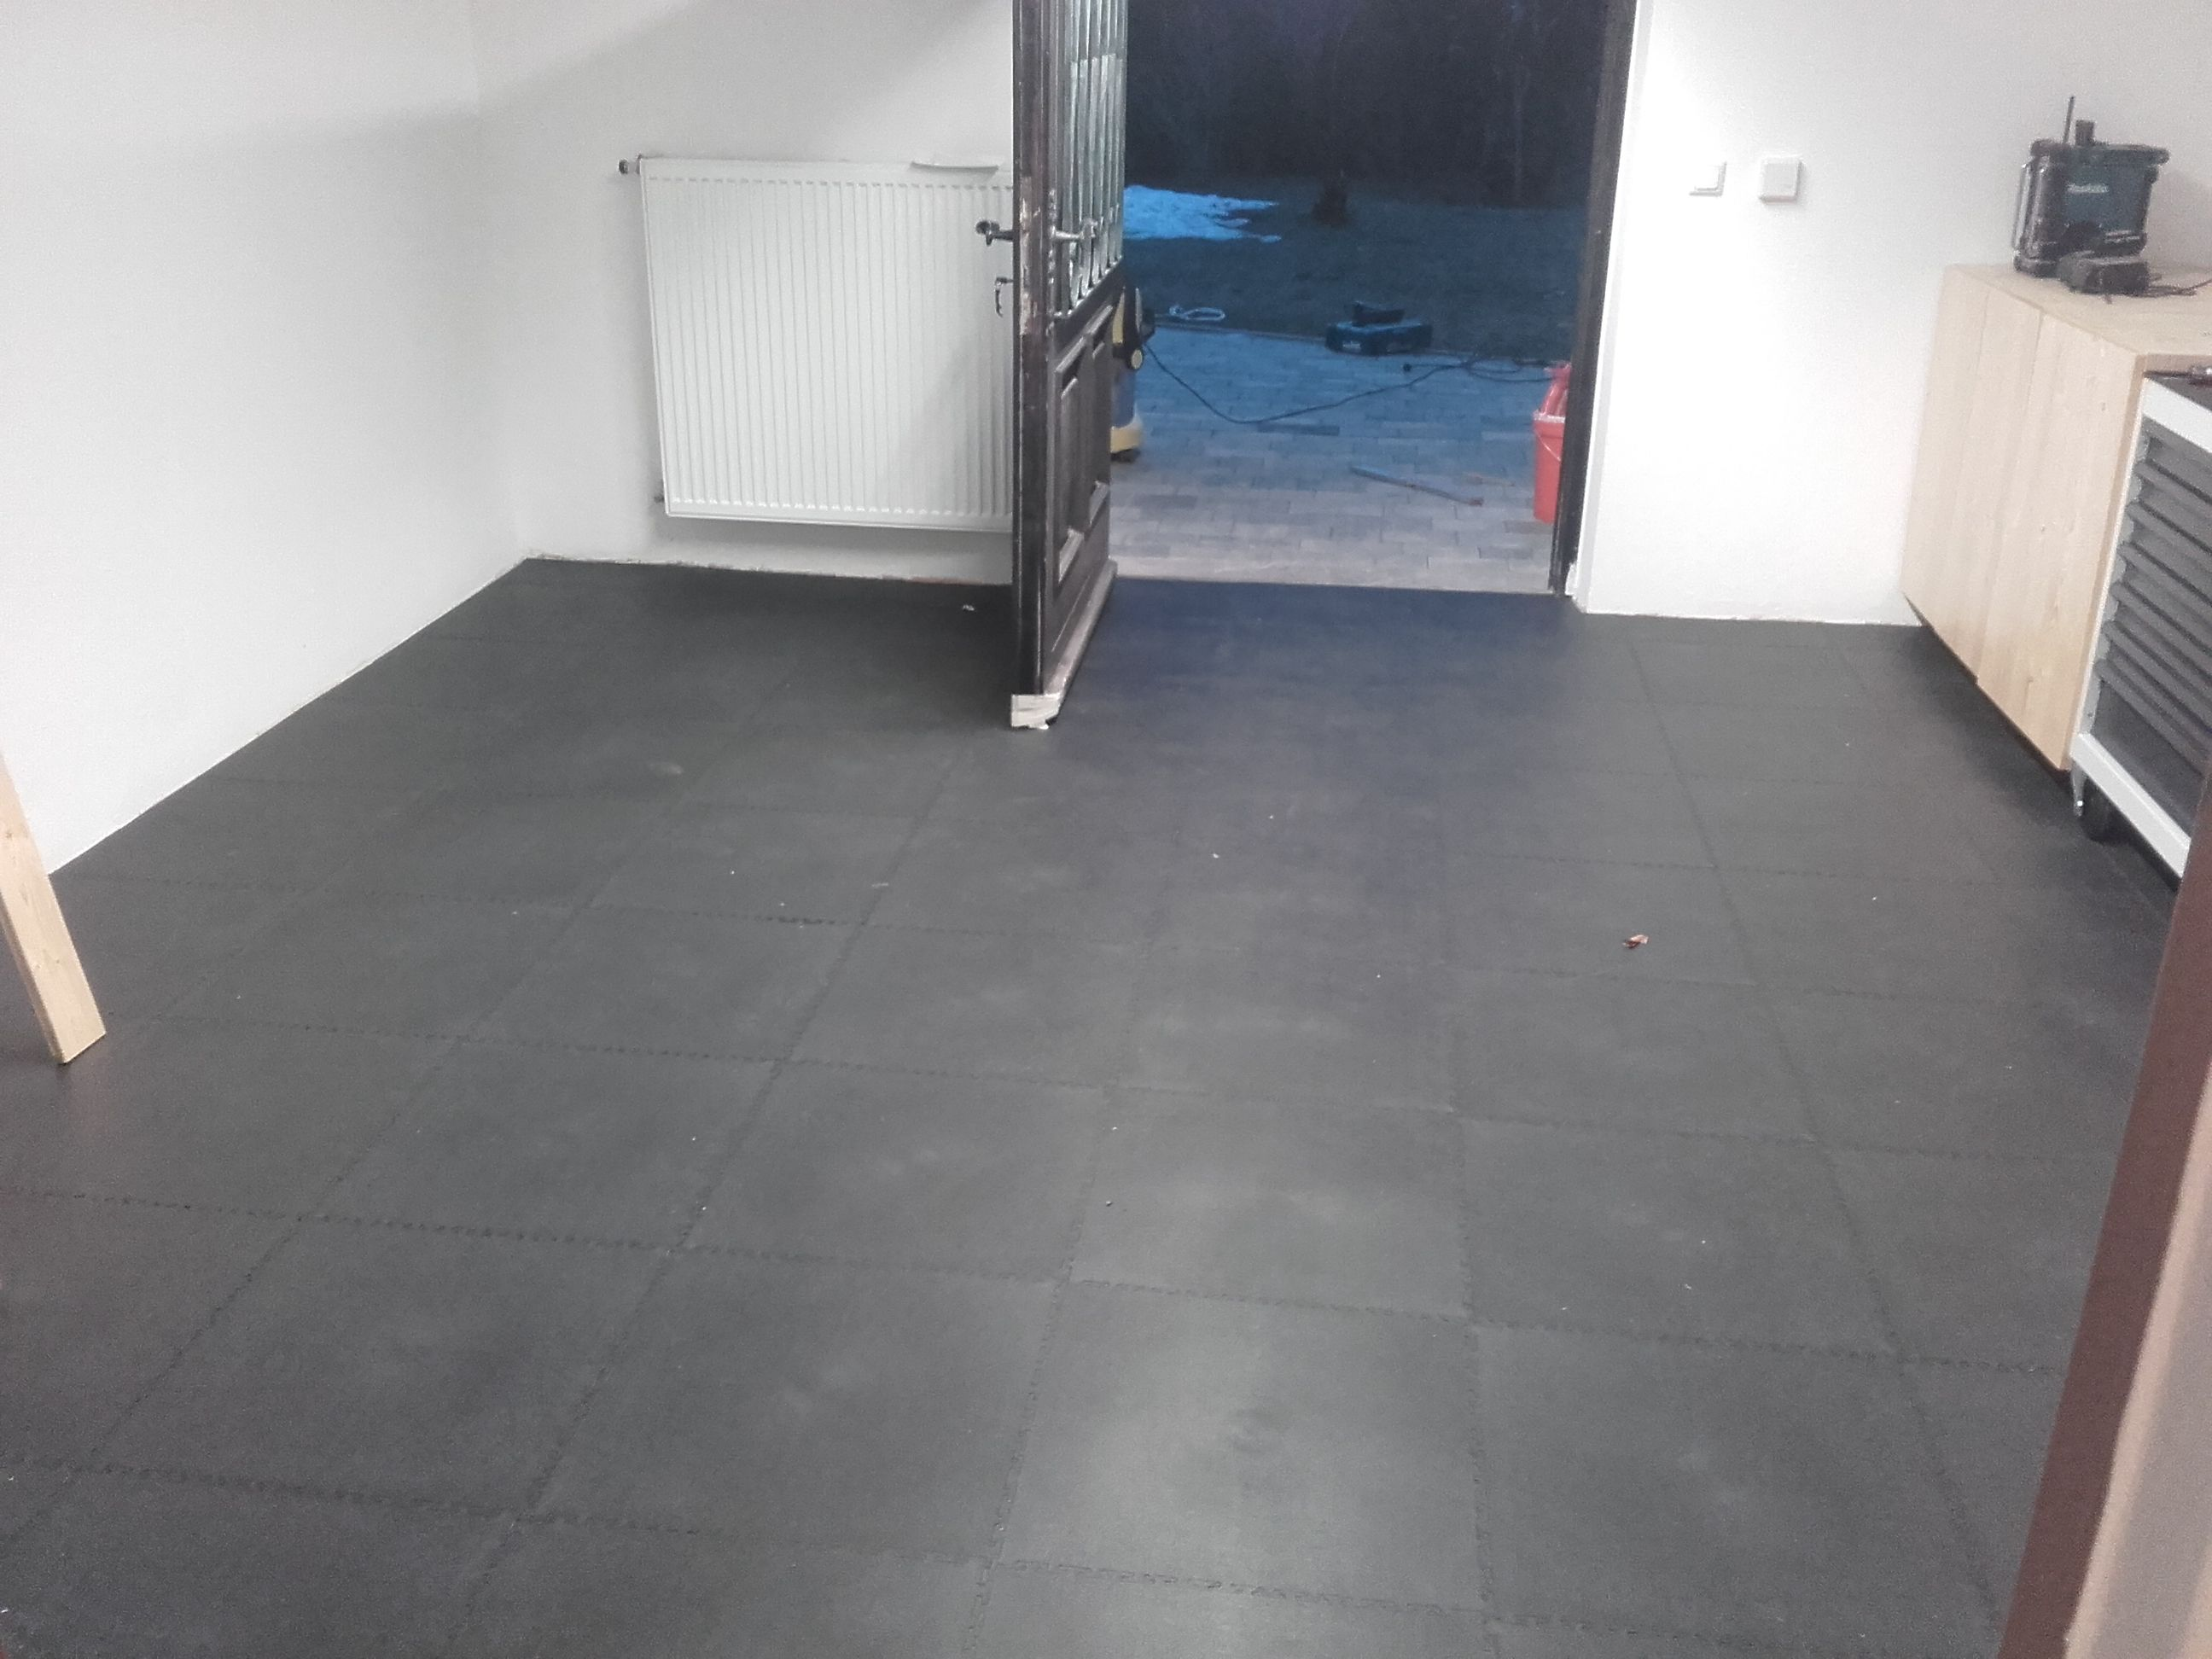 Pin By FLOORWORK On Boden Im Keller Mit PVC Platten Auslegen - Pvc platten für boden